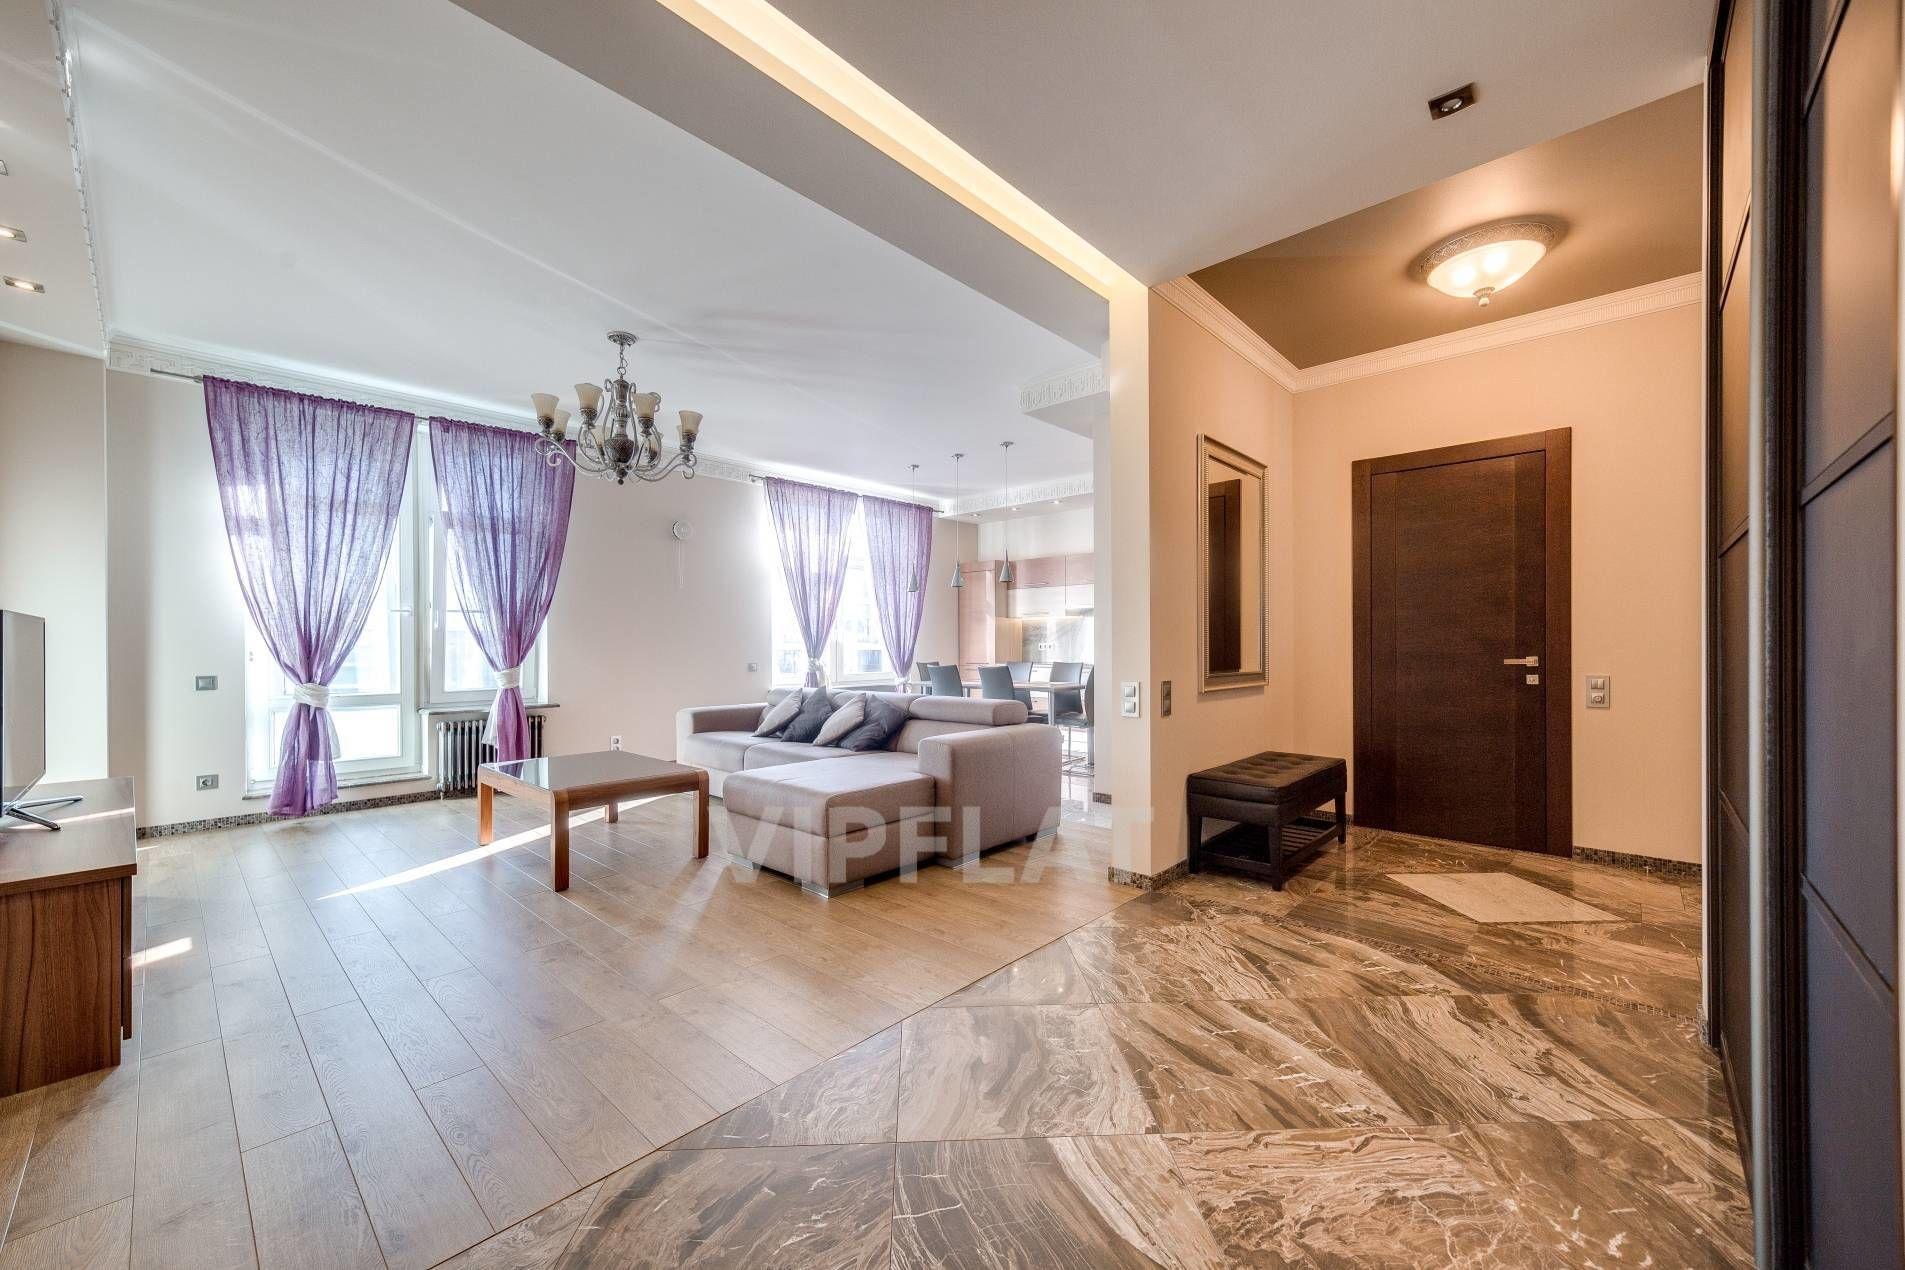 Продажа элитных квартир Санкт-Петербурга. Кирочная улица, 64 Много воздуха и света